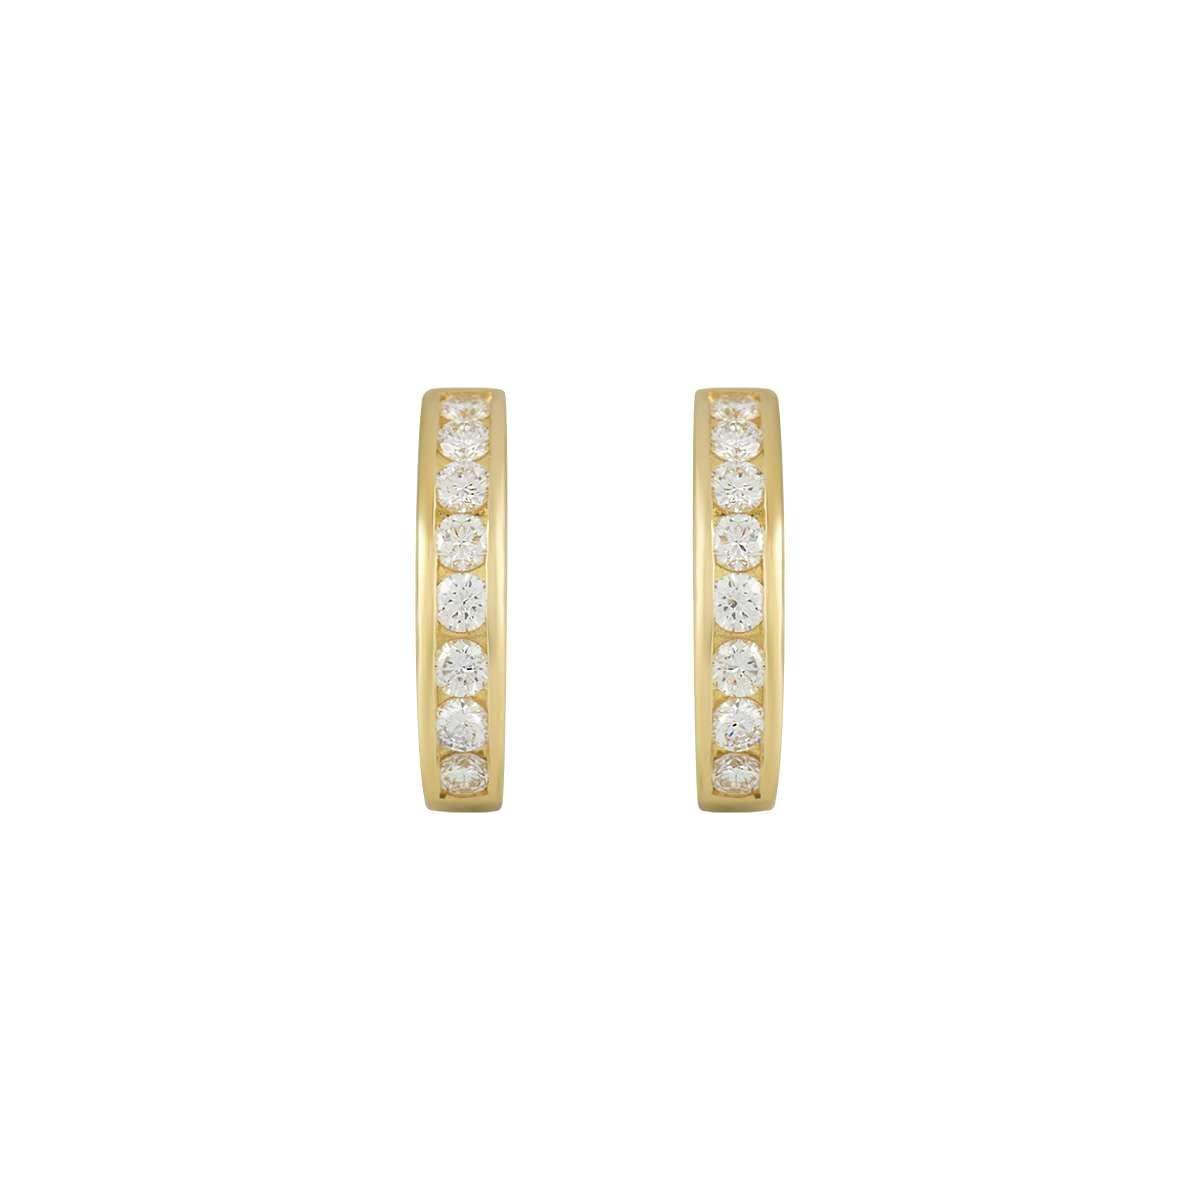 Tiffany & Co. Diamond Hoop Earrings 0.96 Carat